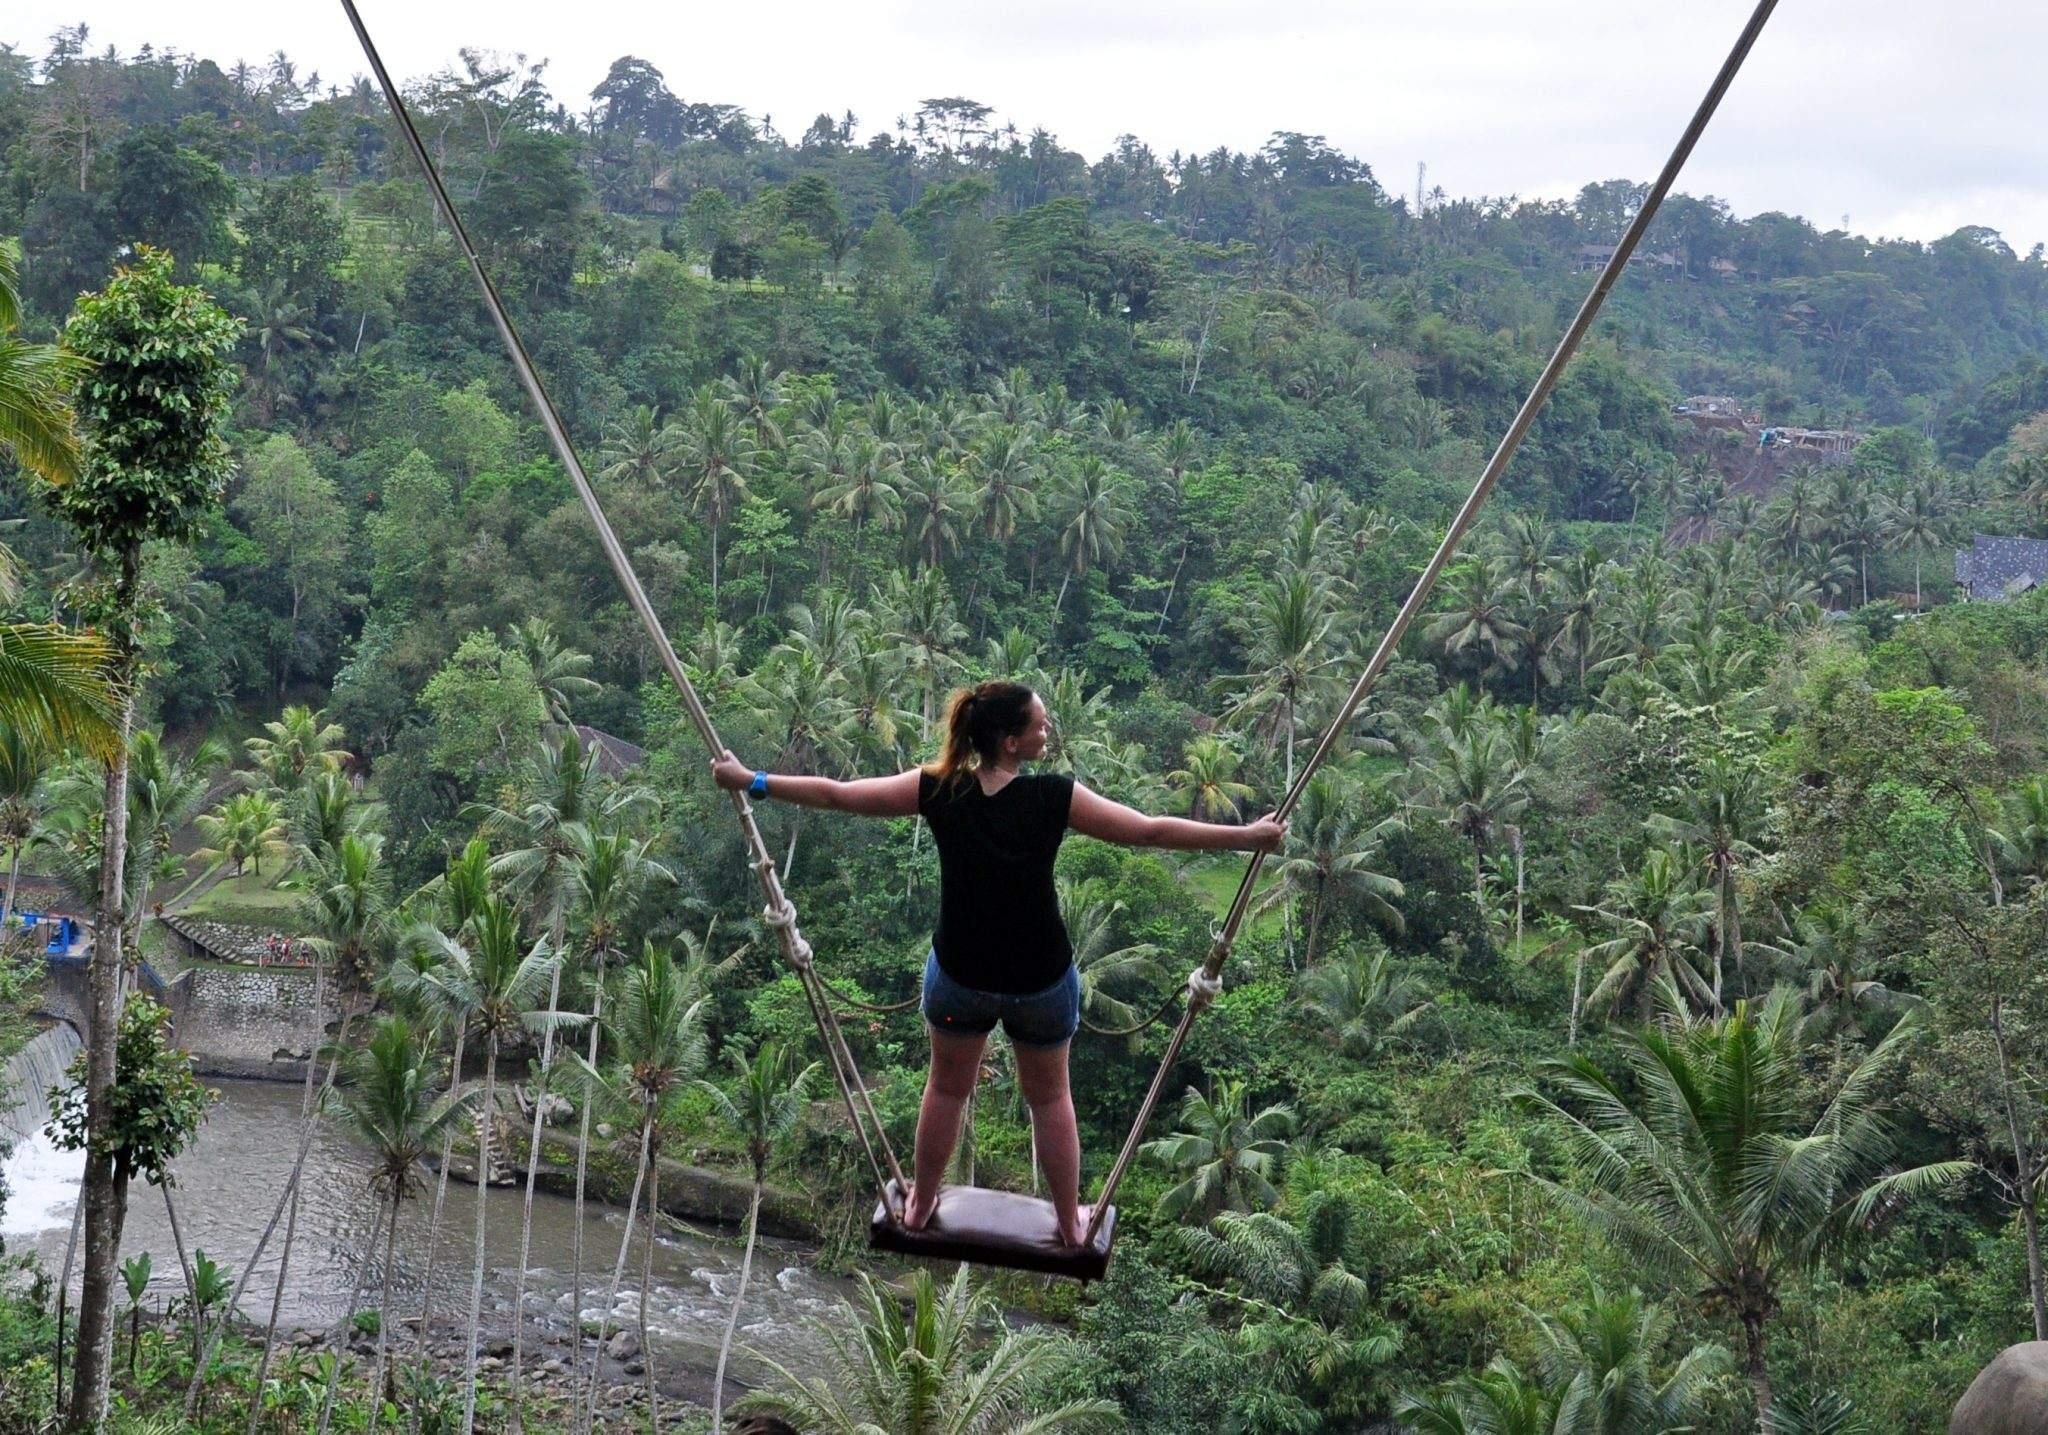 bali swing standing